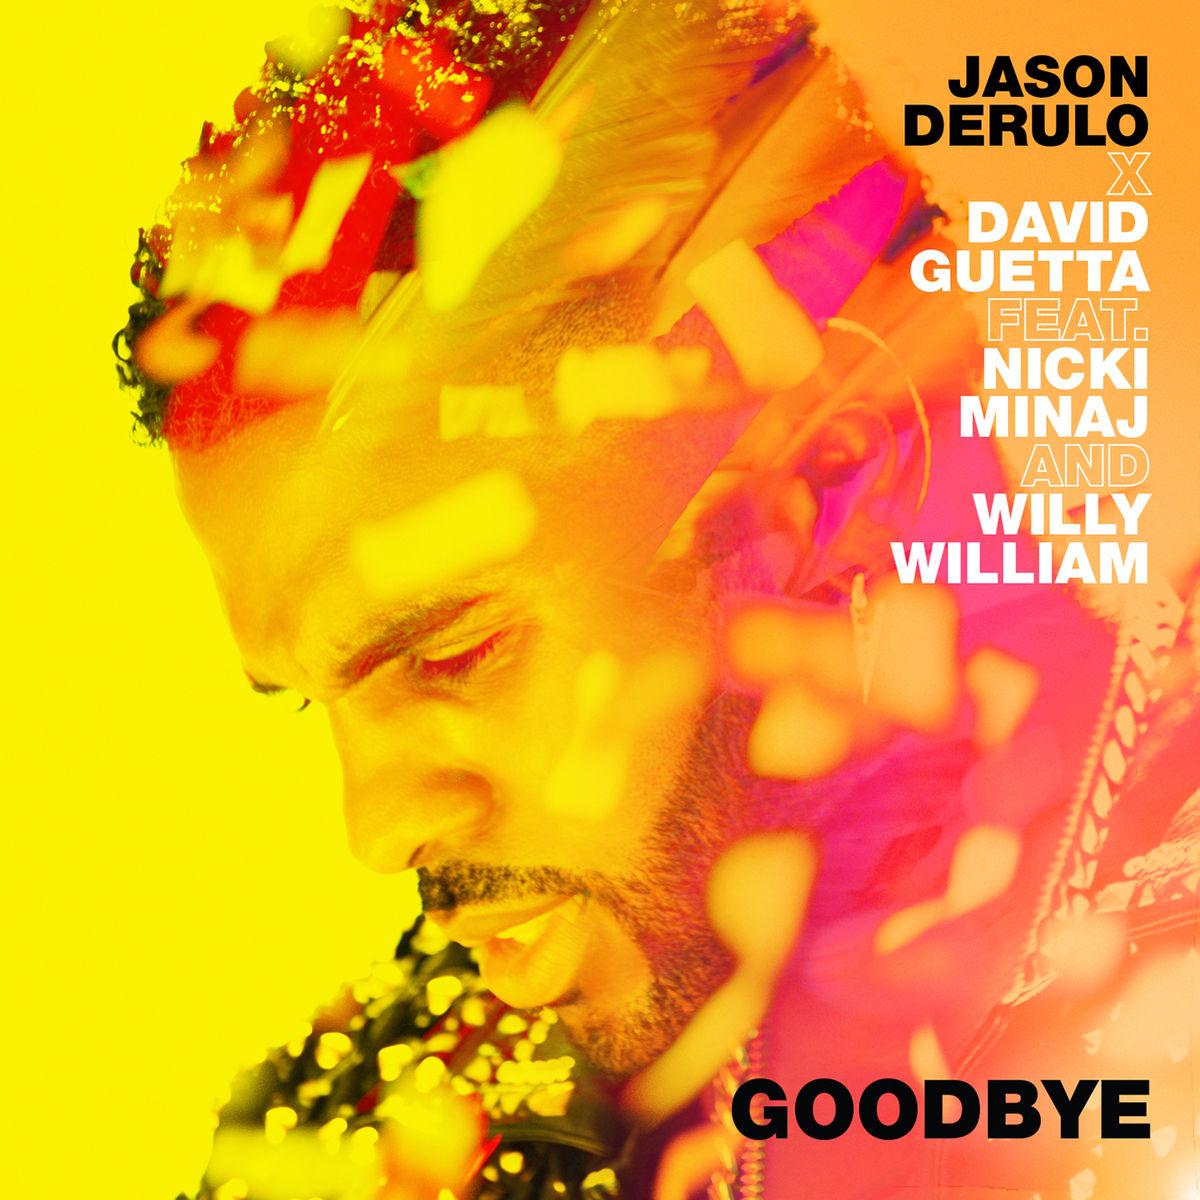 دانلود آهنگ Goodbye از Jason Derulo و David Guetta و Nicki Minaj | با متن